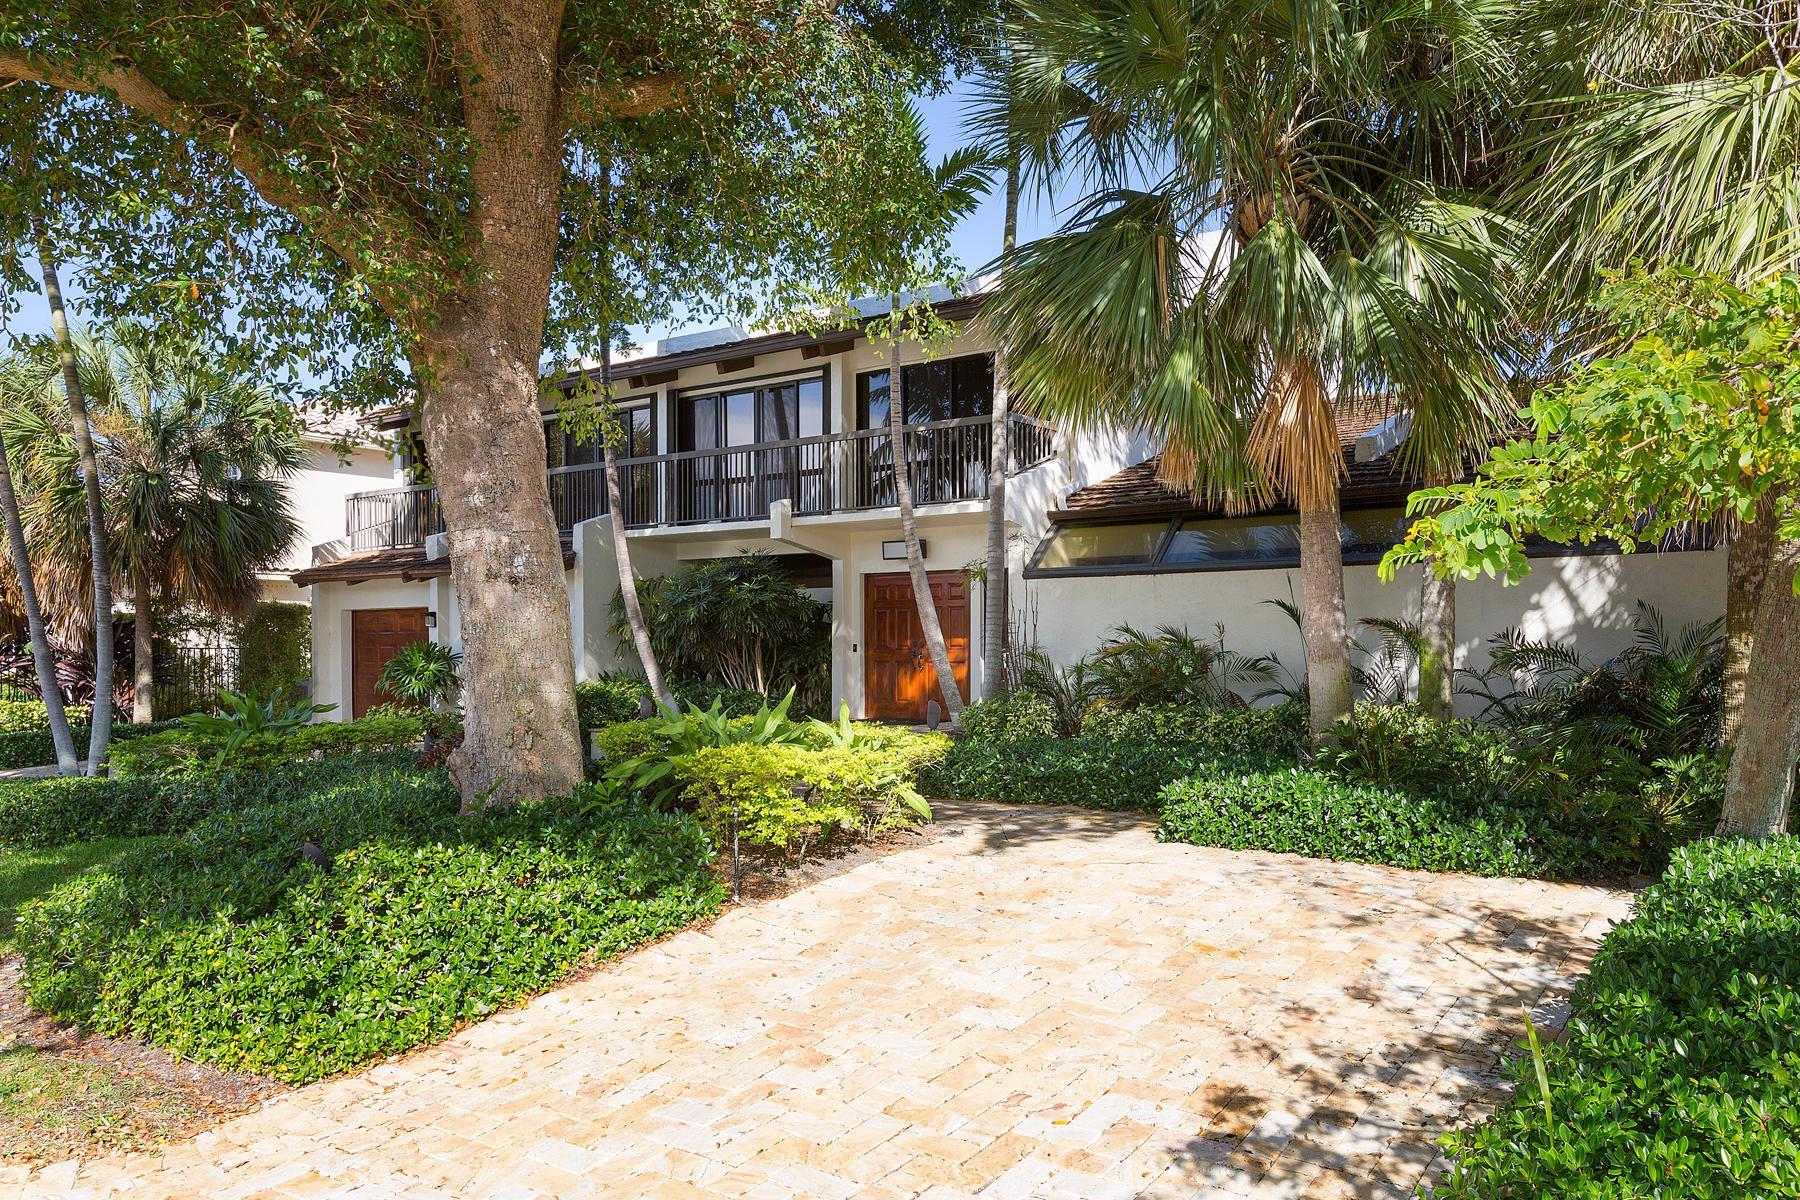 943 Evergreen Drive, Delray Beach, FL 33483 - #: RX-10574520